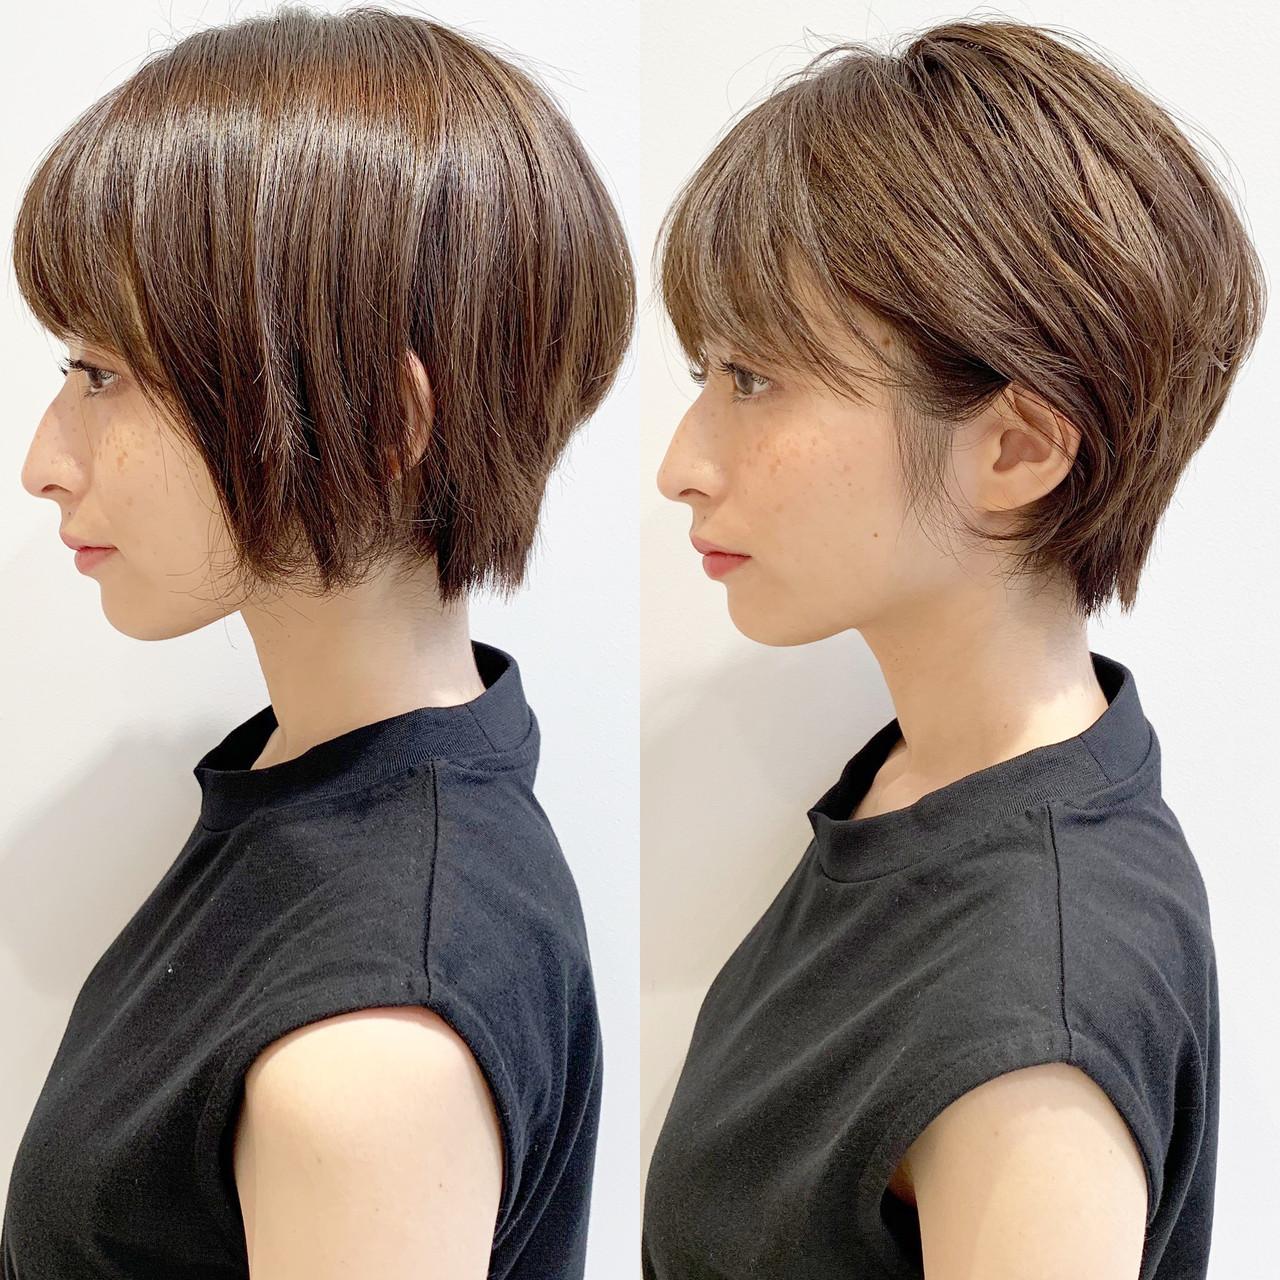 スポーツ アウトドア モード デート ヘアスタイルや髪型の写真・画像 | ショートヘア美容師 #ナカイヒロキ / 『send by HAIR』